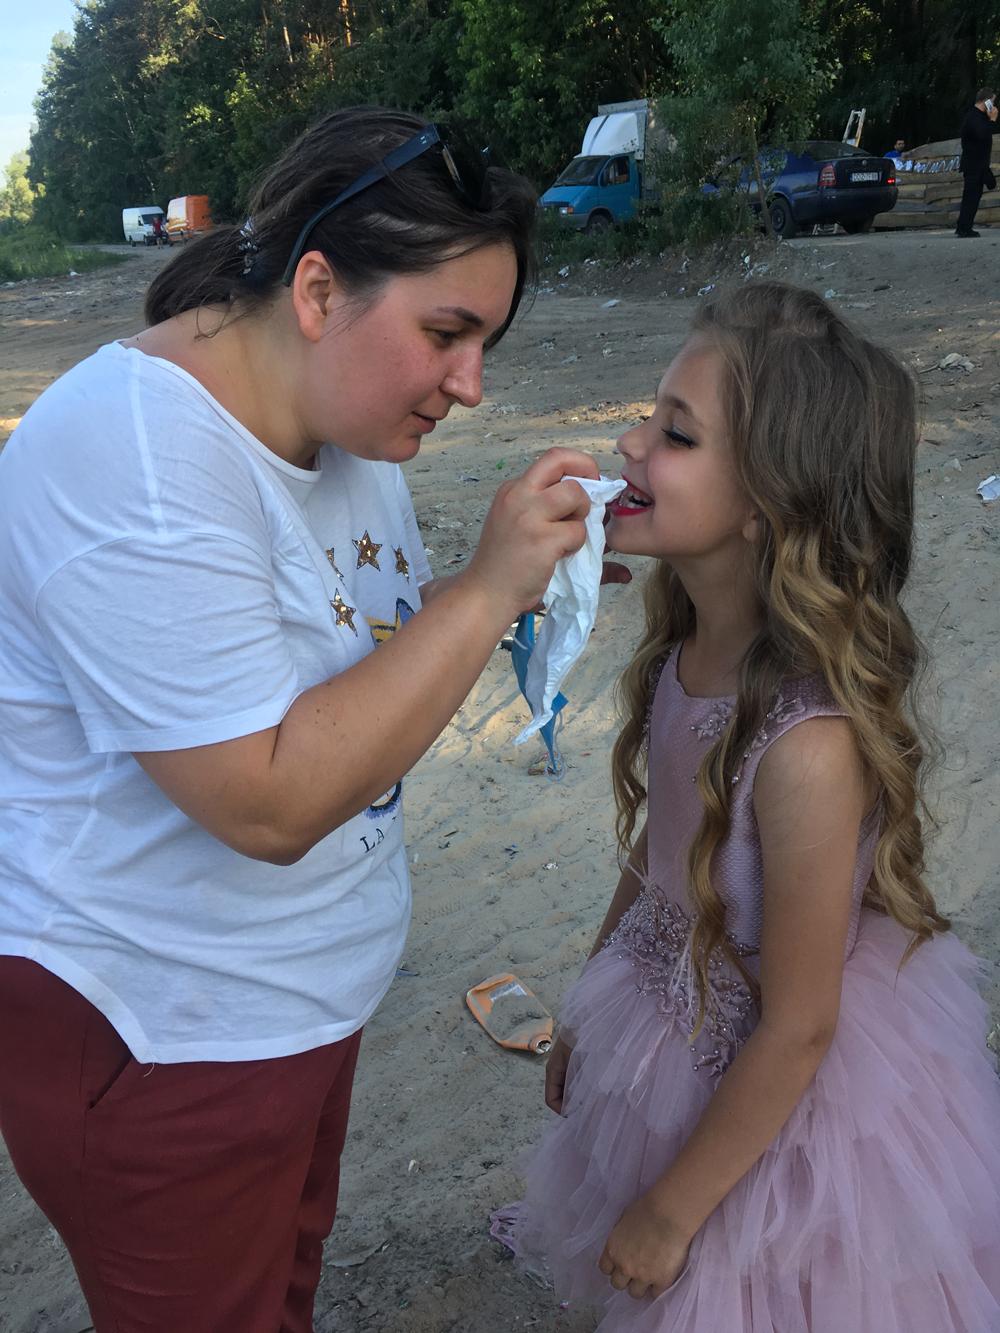 maquillage sur le tournage - viki al cheikh mat